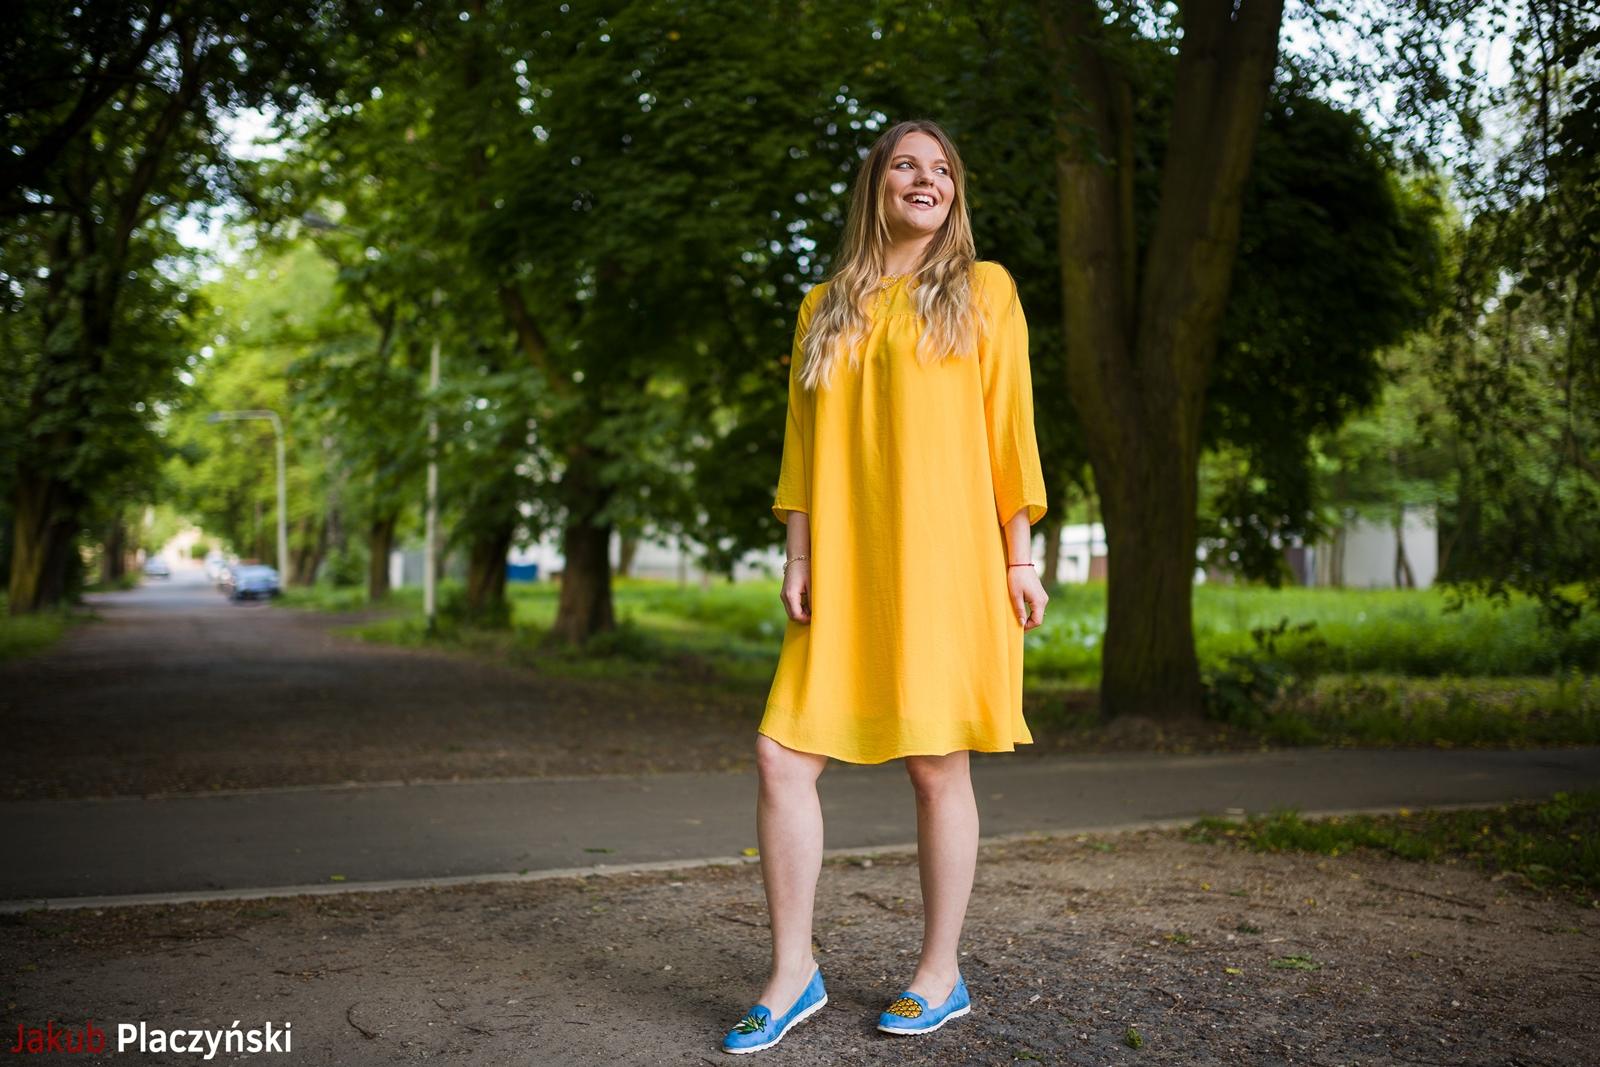 13 żółta sukienka na lato bonprix niebieskie espadryle z ananasem renee shoes reneegirls reneeshoes melodylaniella modnapolka lookbook ootd moda na lato biżuteria piotrowski swarovski